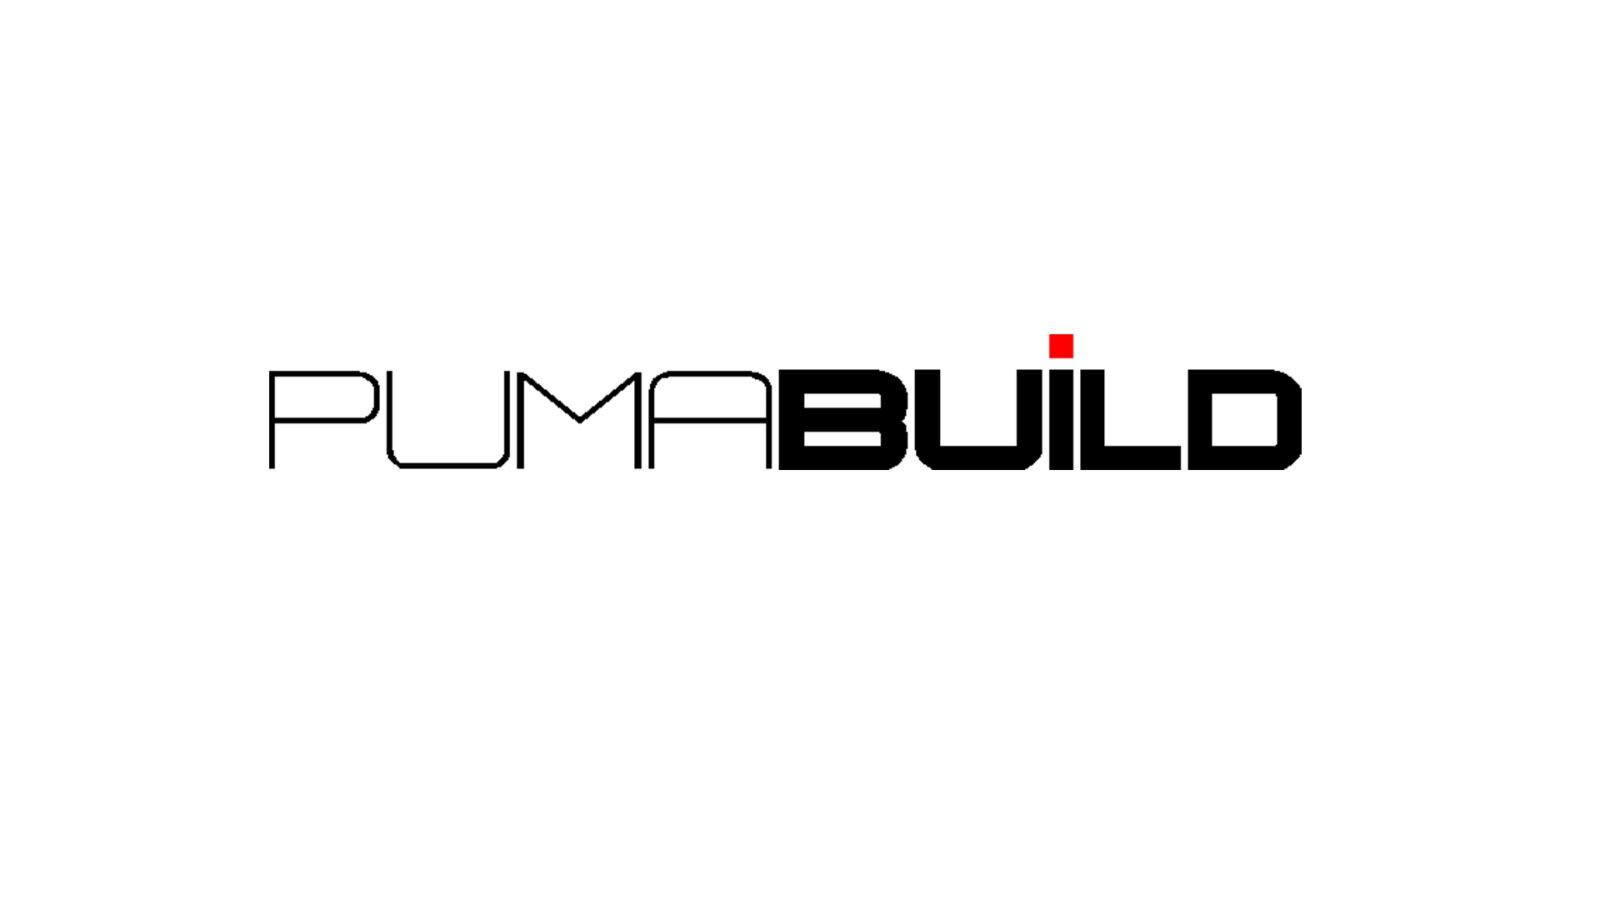 Puma Build